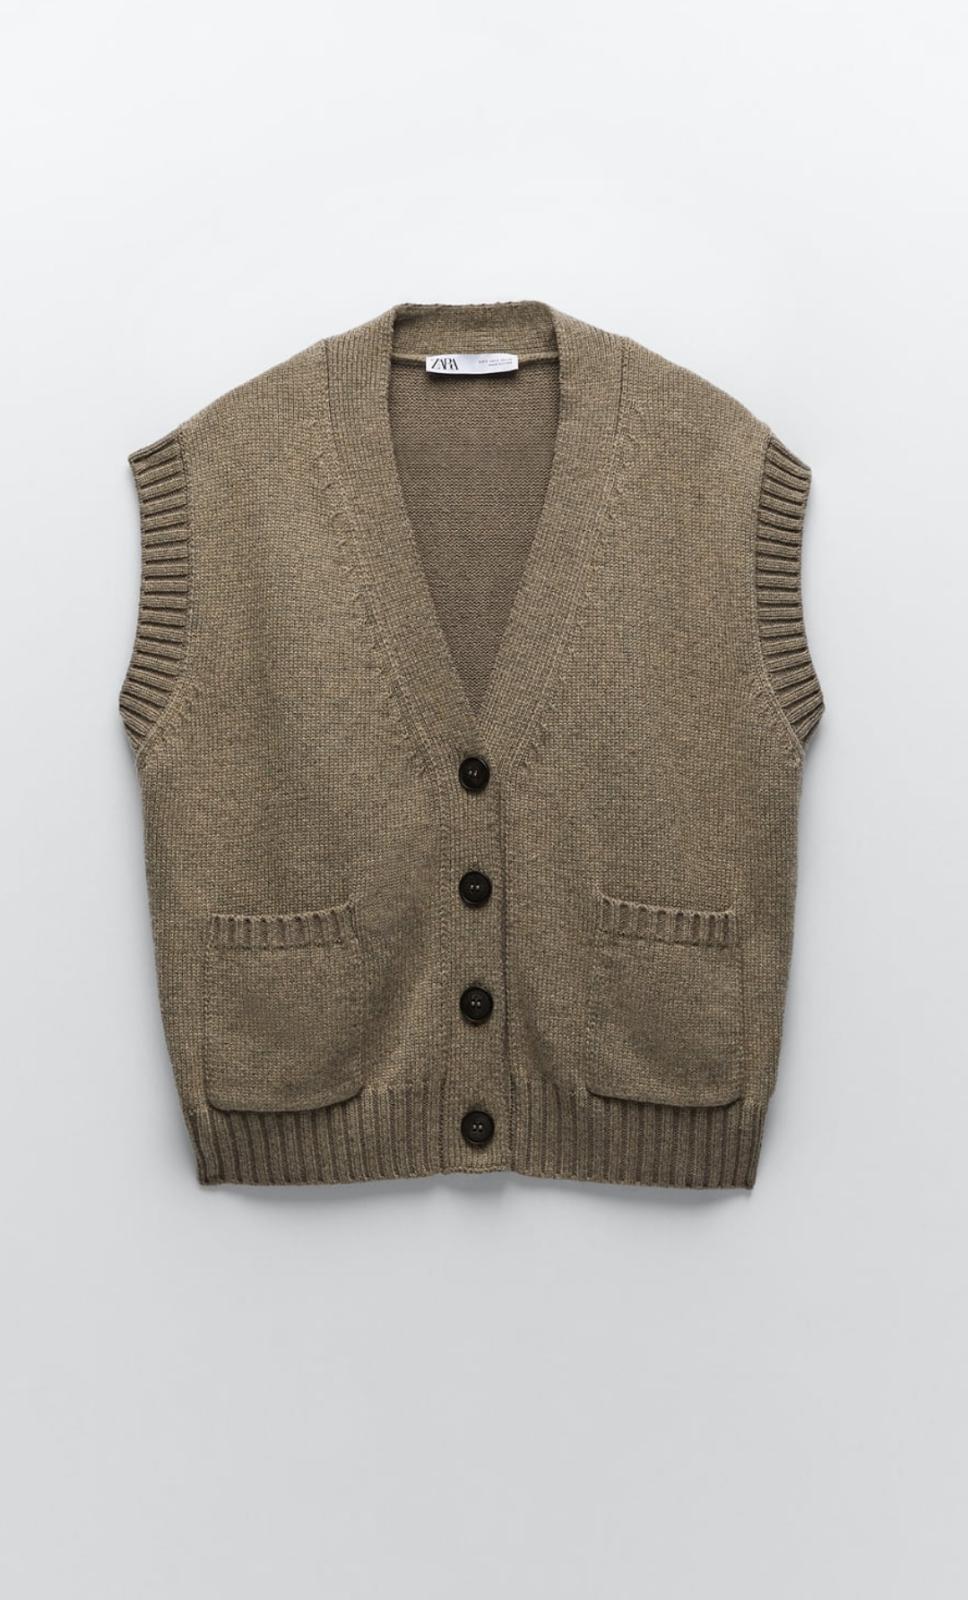 Chaleco con escote de pico y manga sisa con bolsillos delanteros de plastrón y acabados en rib. Cierre frontal con botones, de Zara (25'99€)